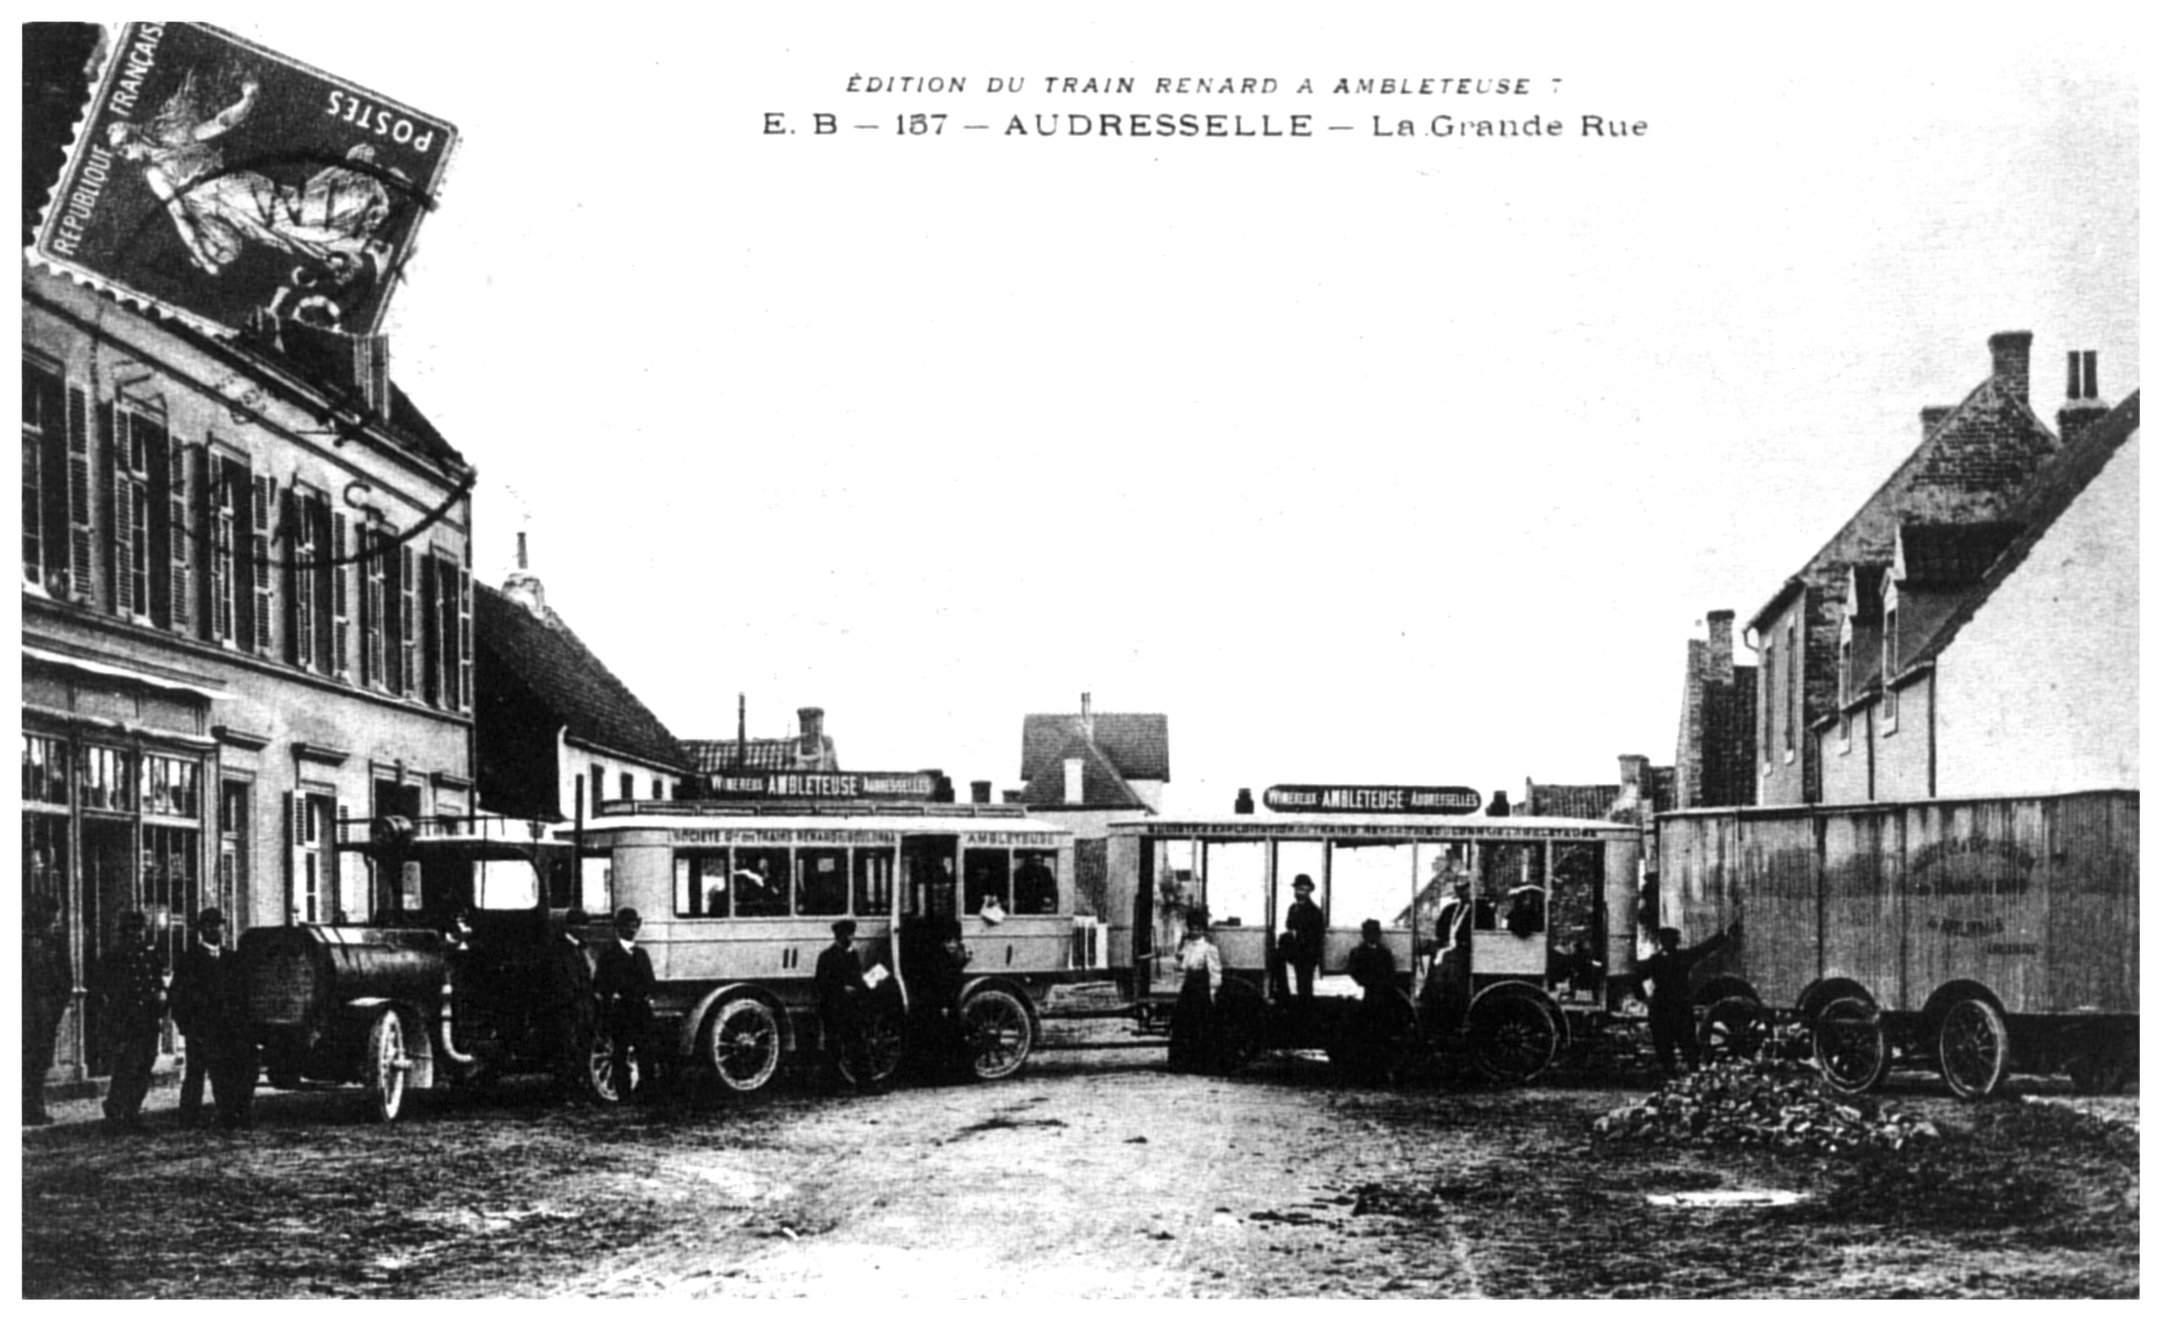 Audresselles - le train Renard dans la Grand Rue